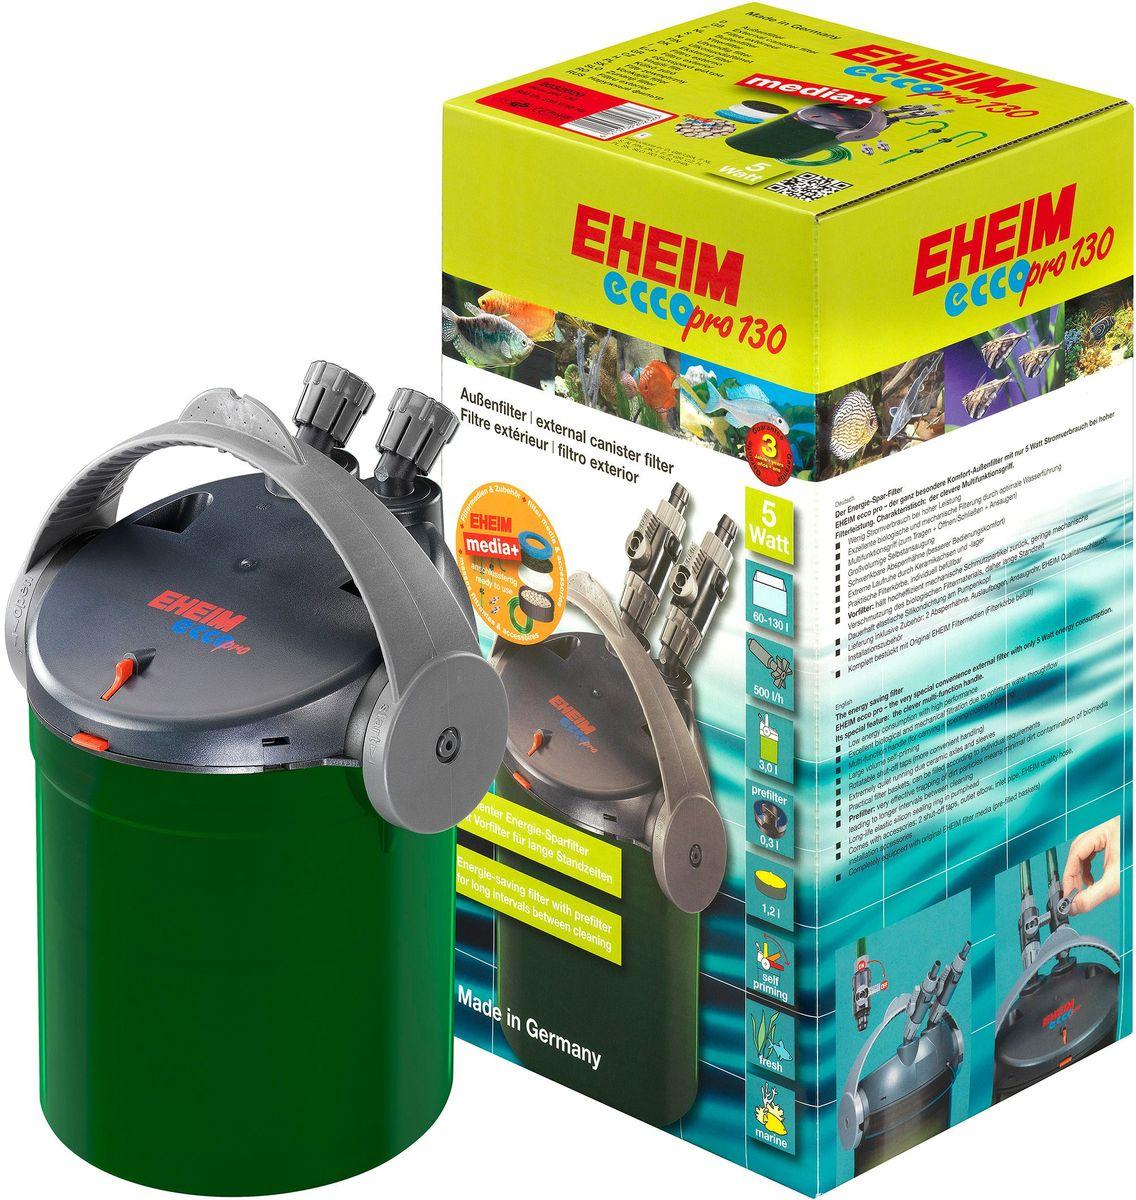 Фильтр внешний Eheim Eccopro 1302032020Проста в использовании и очень низкое энергопотребление. Оснащен контрольными и запорными клапанами, корзинами для наполнителей, предварительным фильтром и технологией автоматического всасывания, управляемой многофункциональным переключателем.